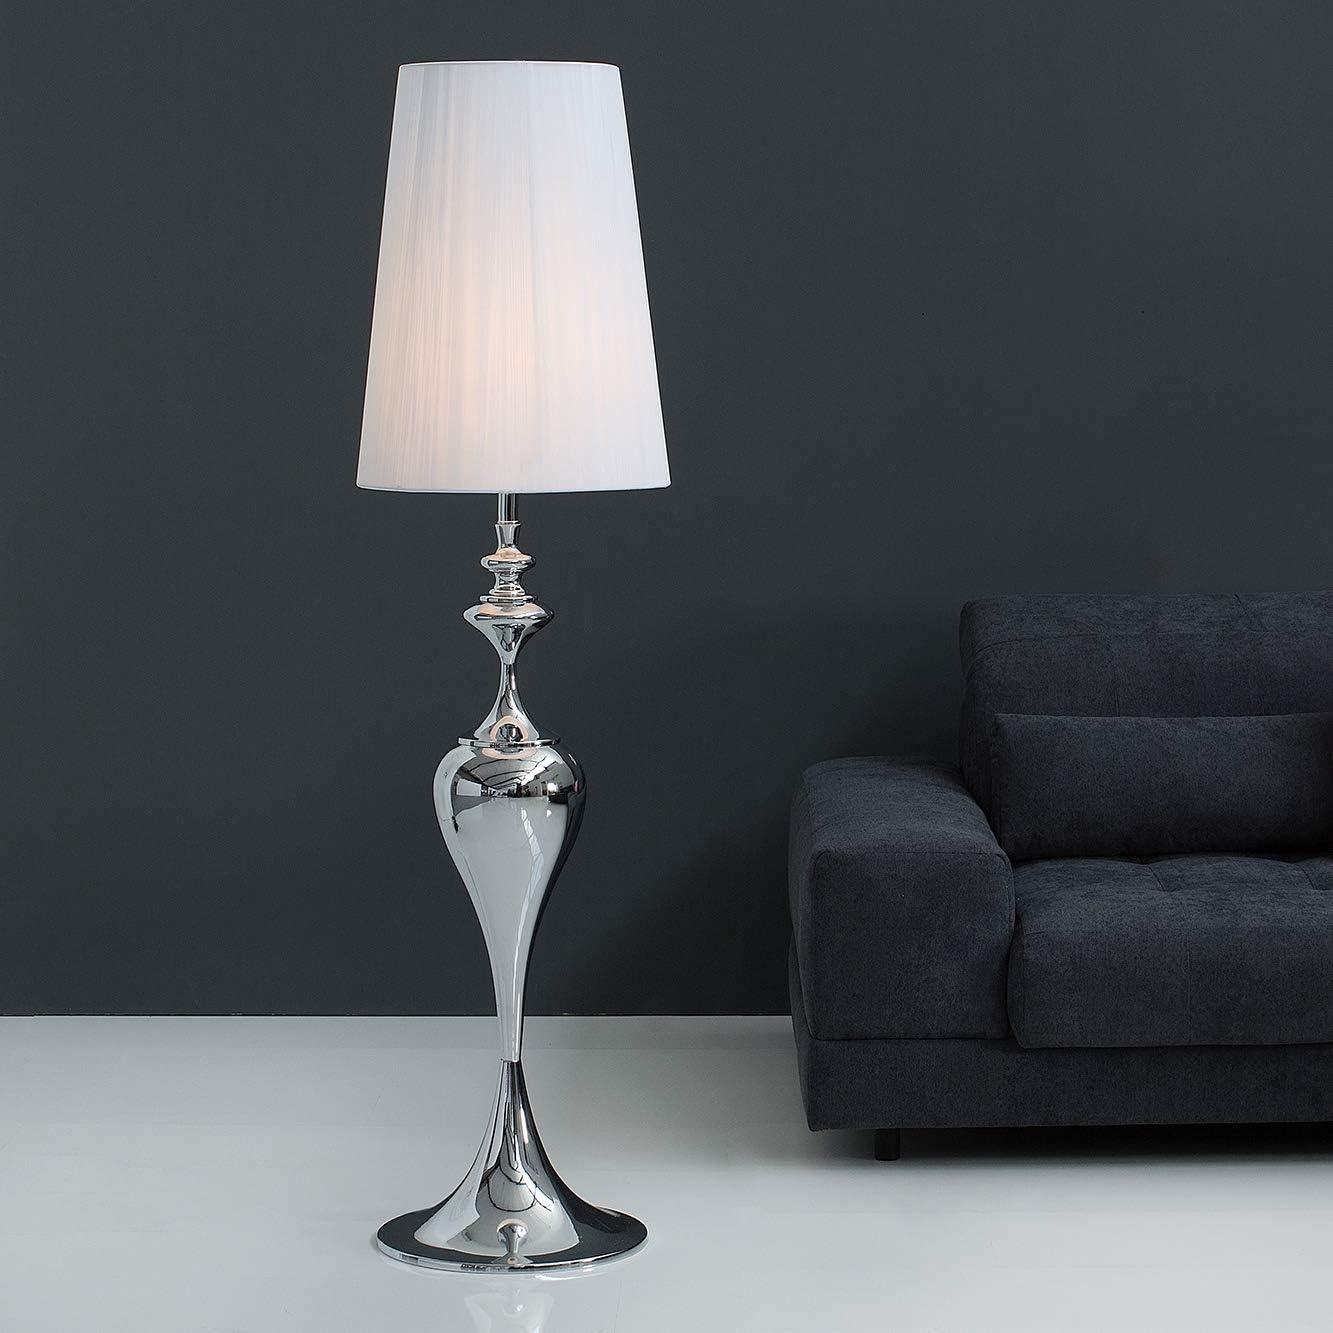 Cagu Design Barock Stehlampe Scarlet Weiss Mit Standfuss Aus